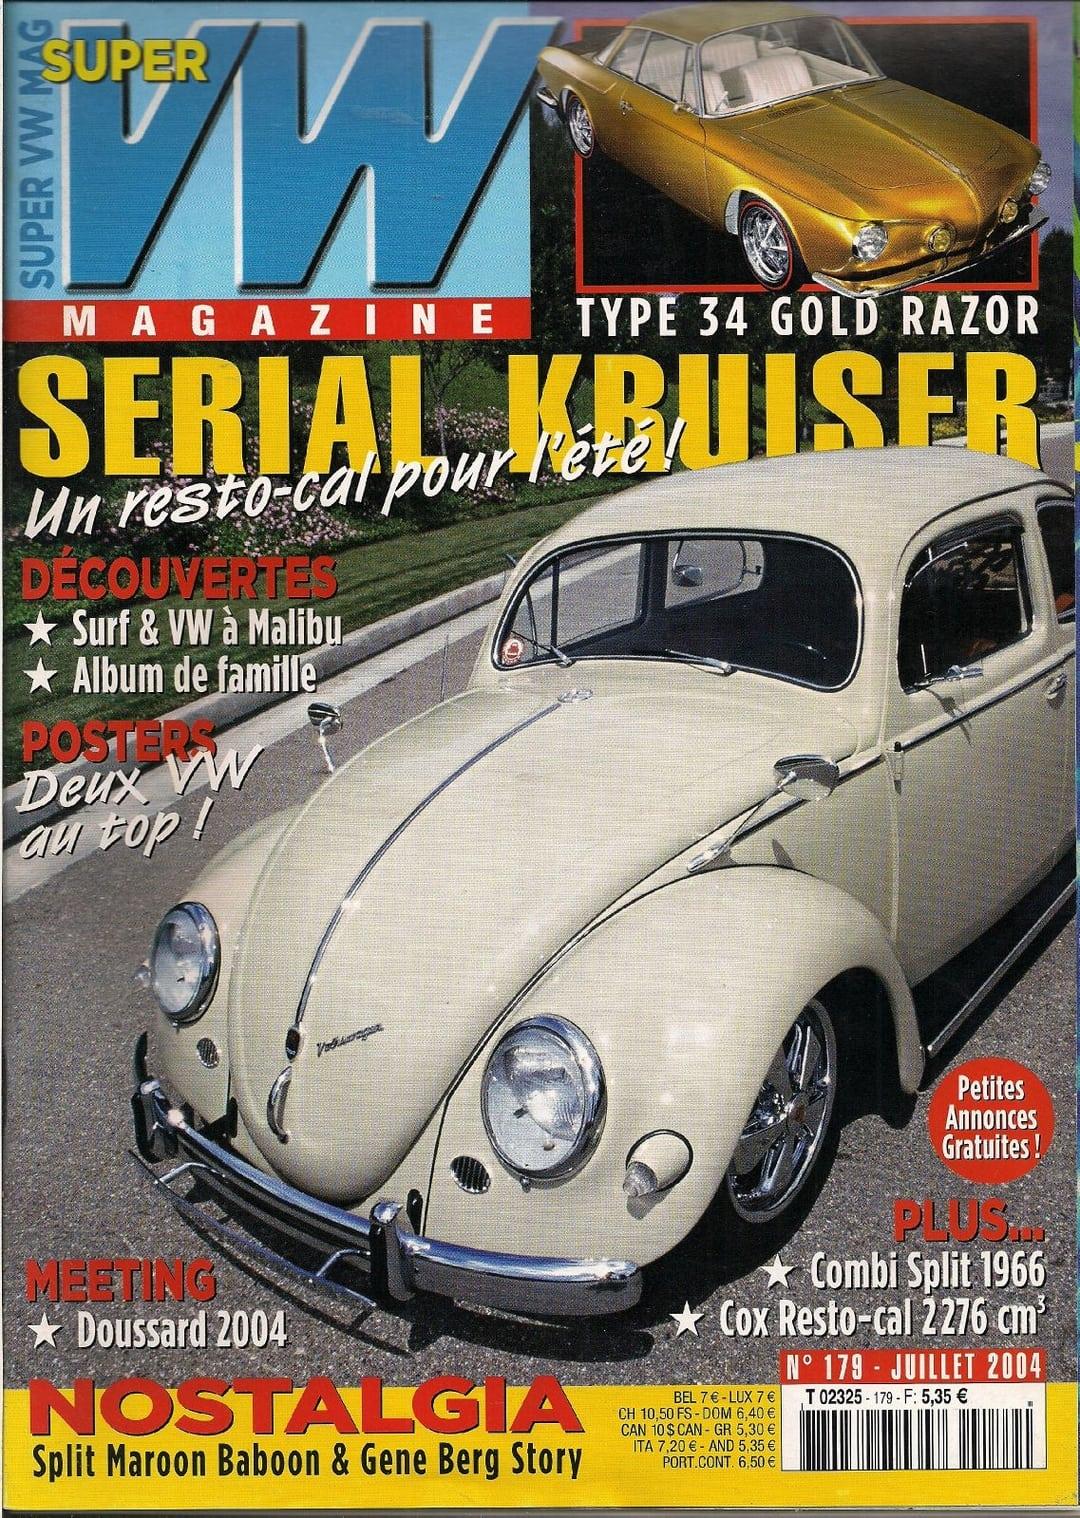 super vw magazine n 179 serial kruiser juillet 2004 ebay. Black Bedroom Furniture Sets. Home Design Ideas